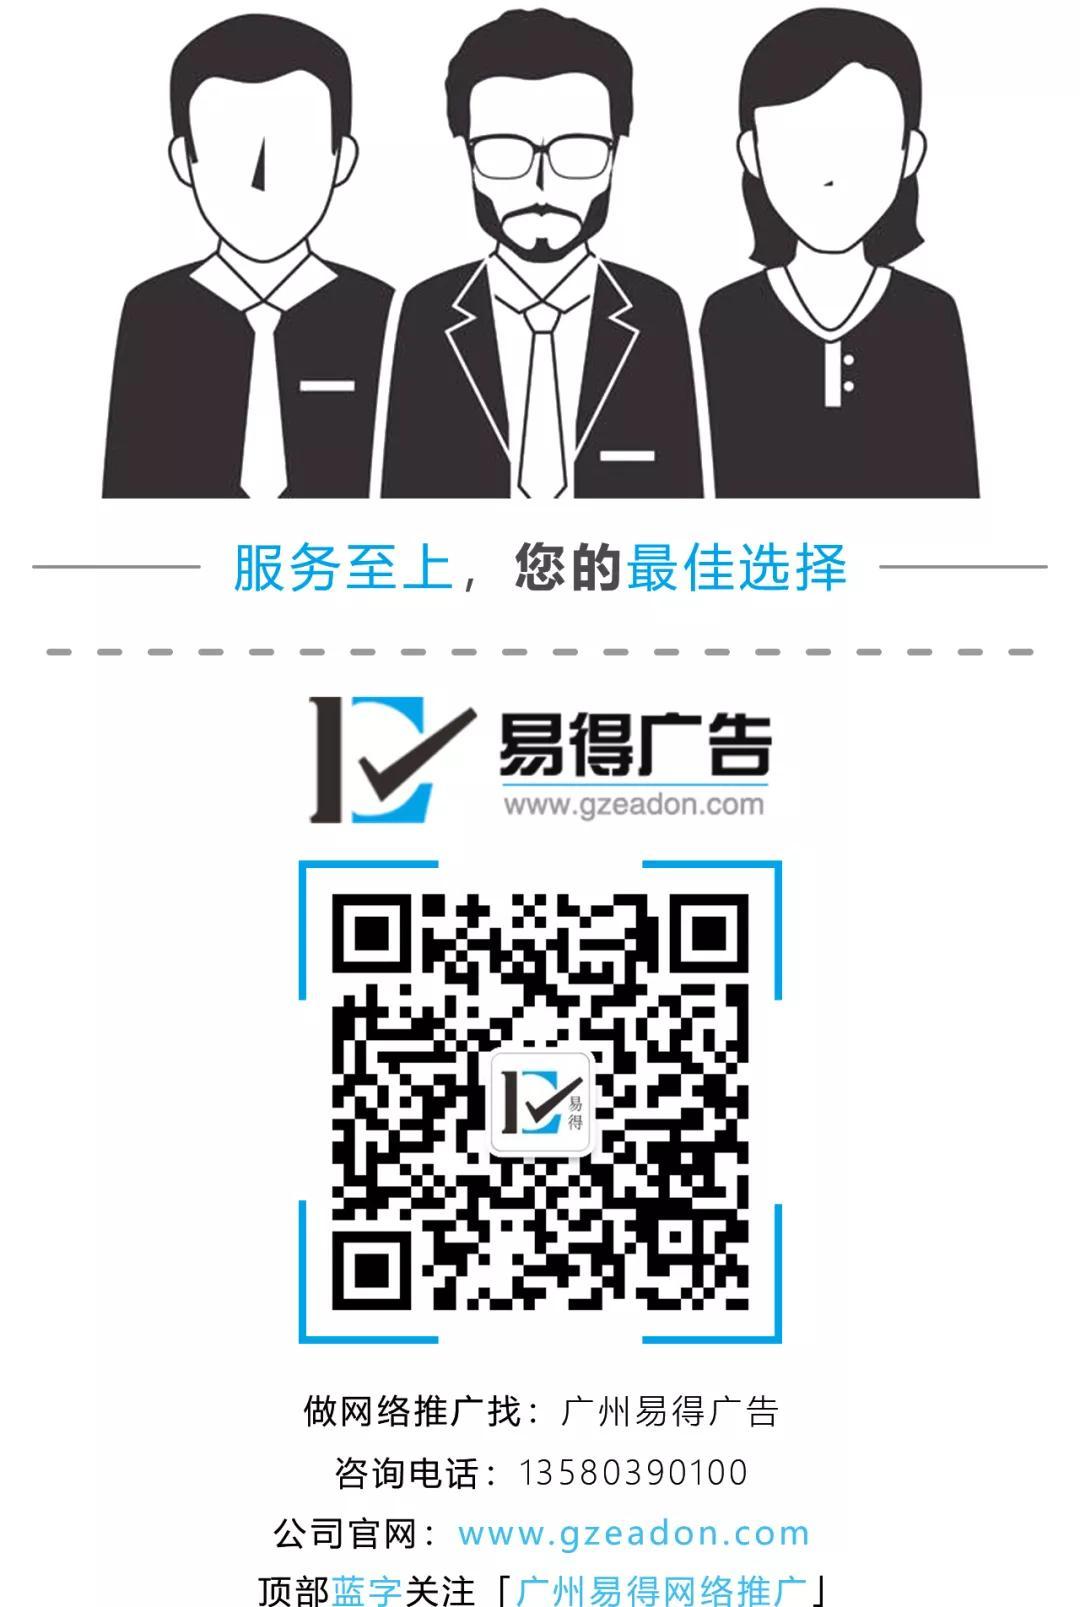 广州全网推广|网站建设|小程序制作|竞价托管